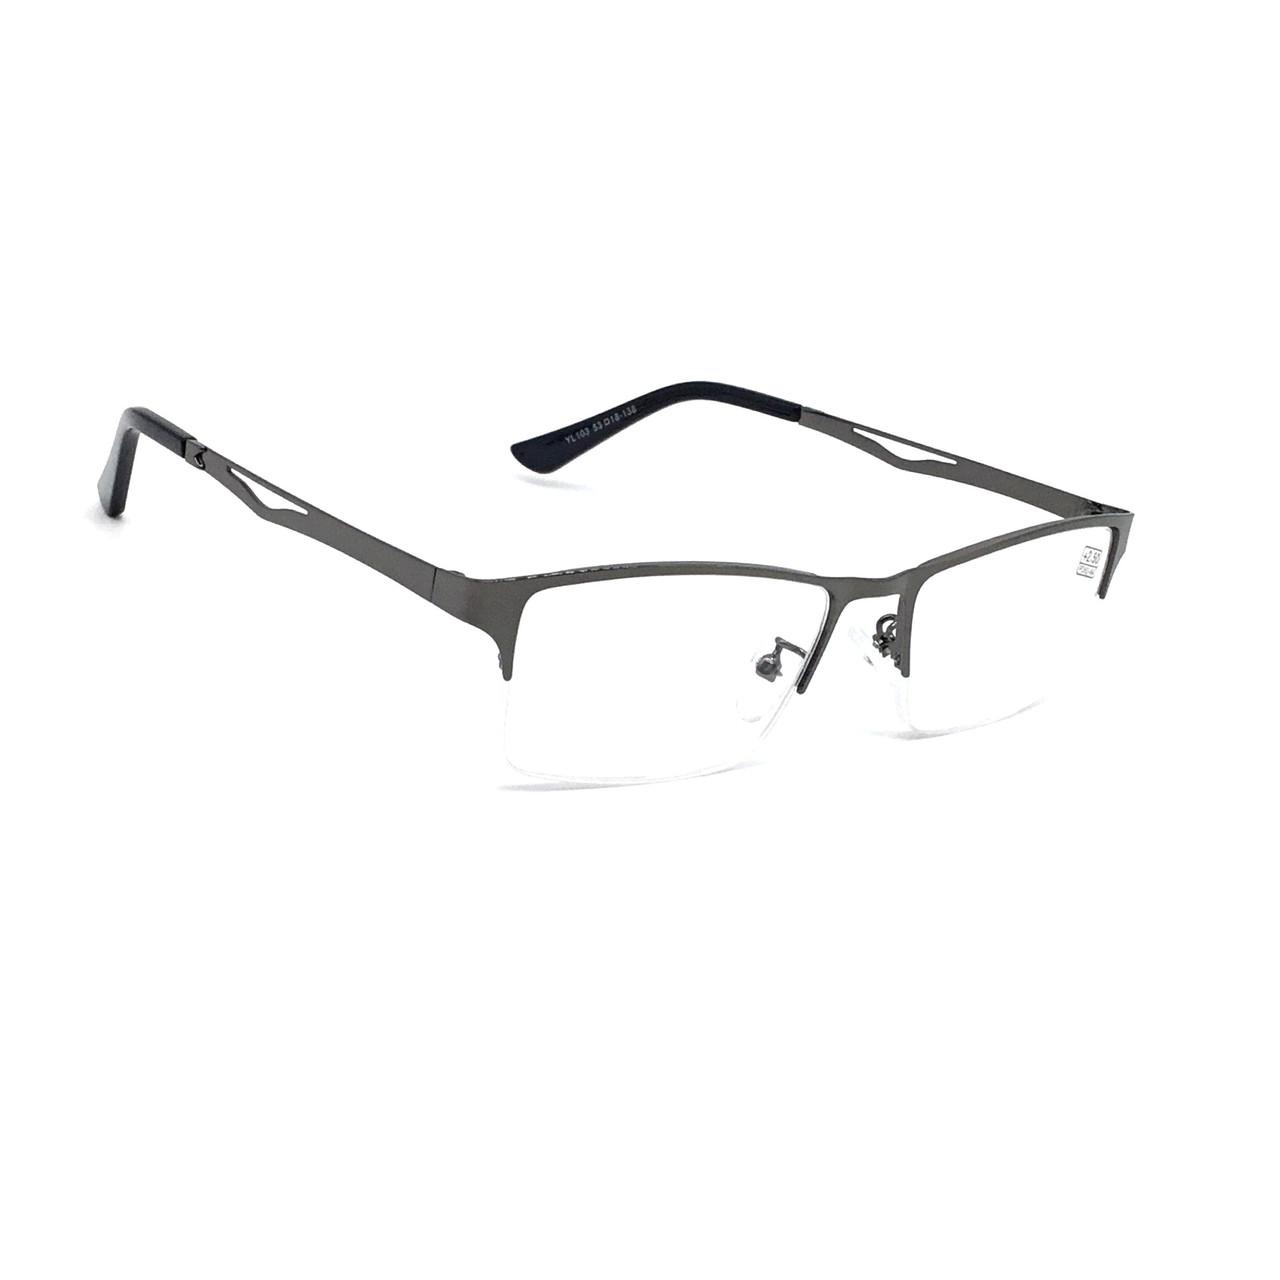 Универсальные полуоправные очки с белой линзой